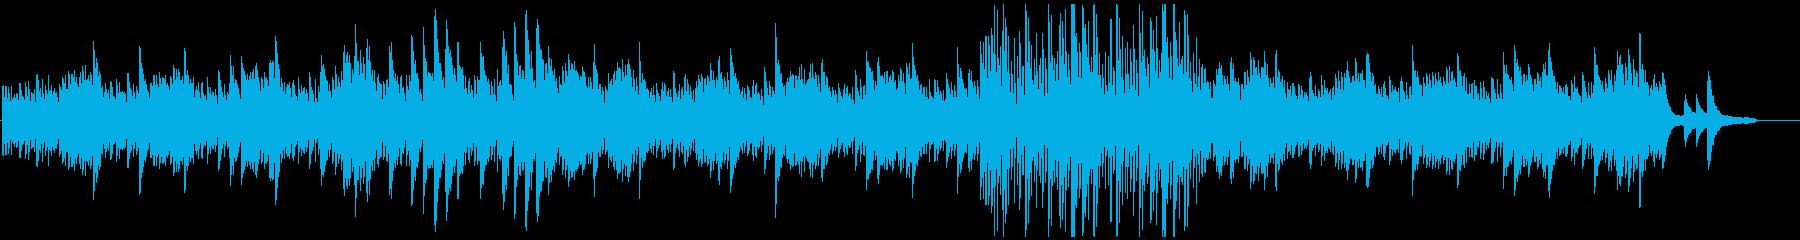 水が流れるイメージのピアノの再生済みの波形